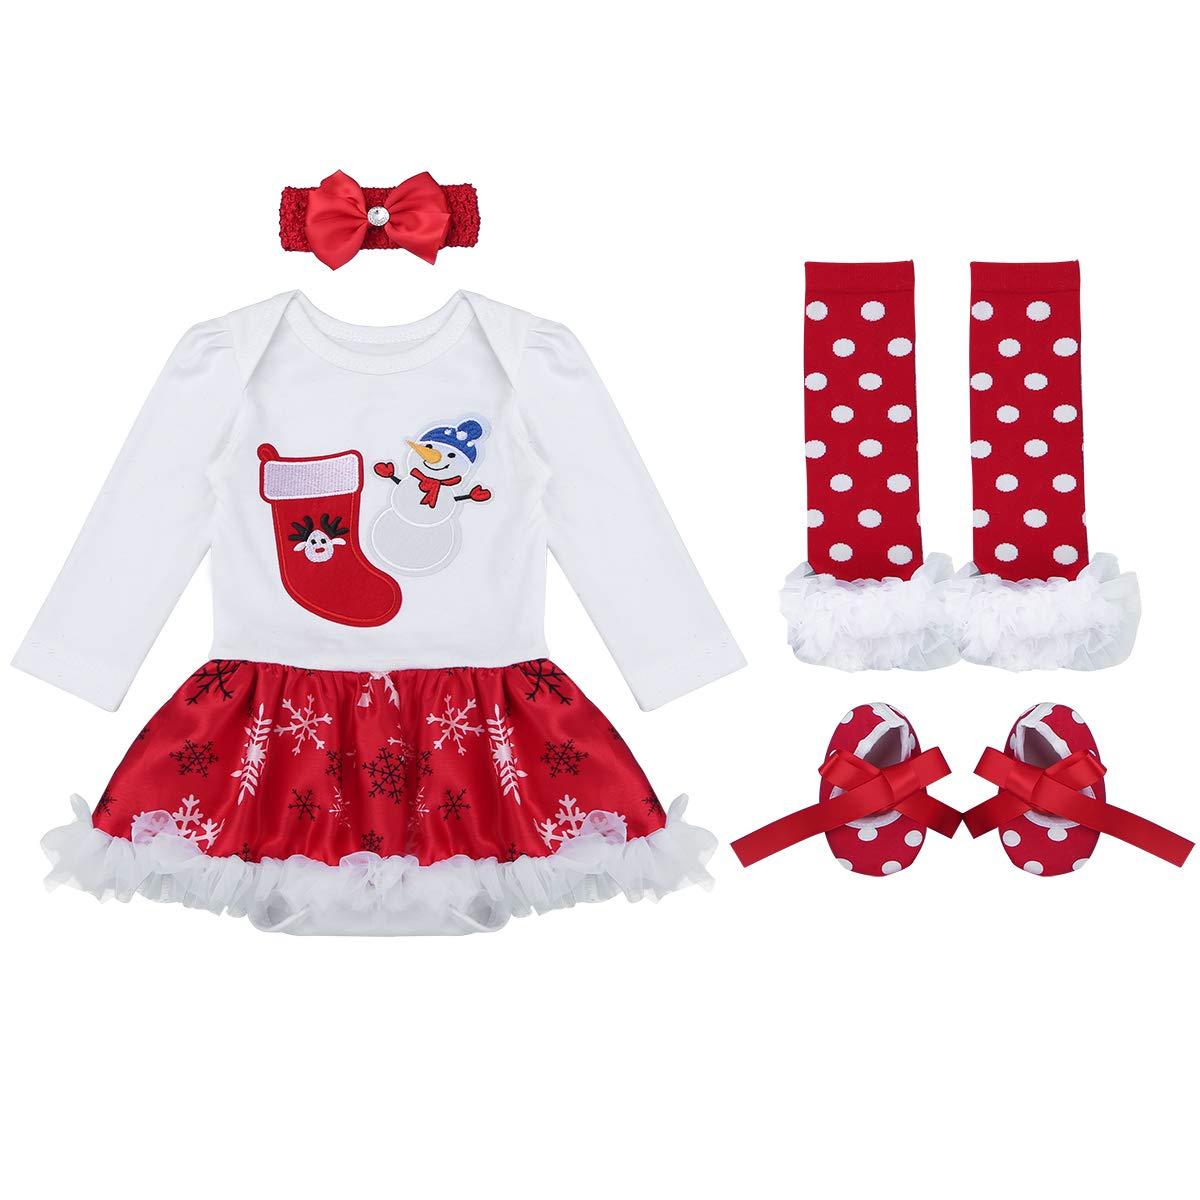 Freebily Traje Conjunto Navideño para Bebé Niños con Patrón Santa Pelele Mi Primera Navidad Recién Navidas Tutú Falda con Calentador de Piernas+Diadema+Zapatos Sets